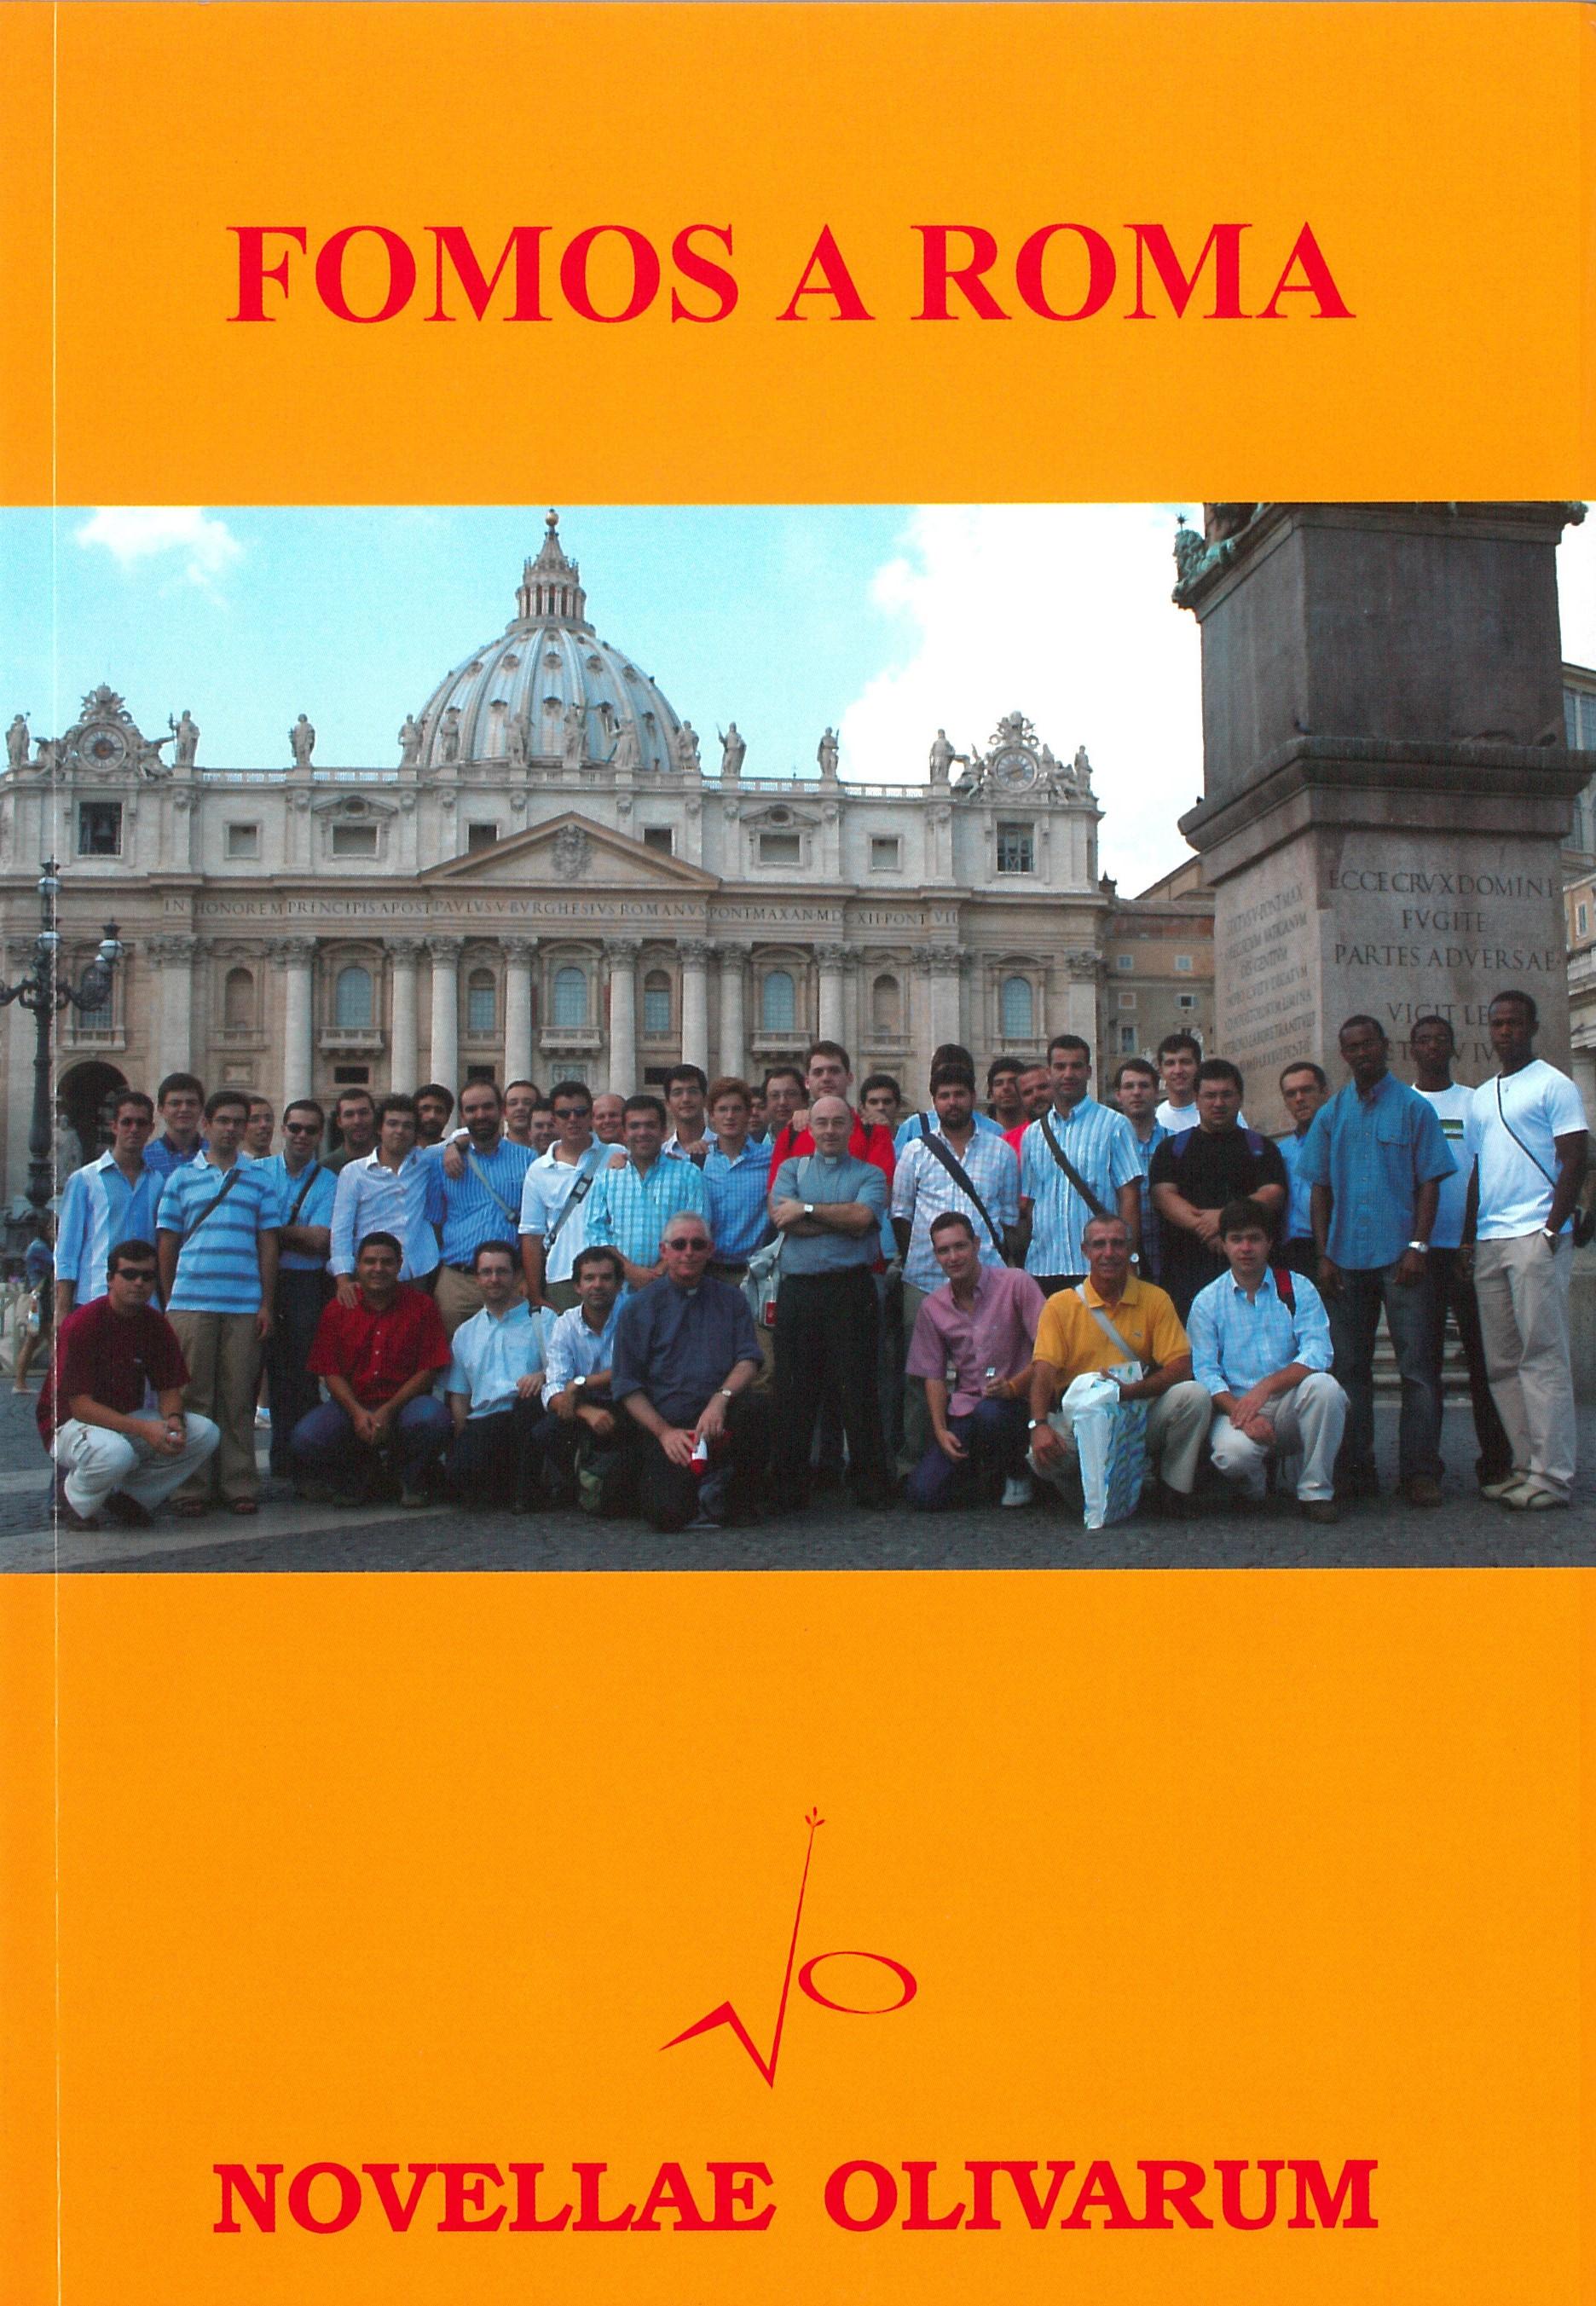 Revista Novellae Olivarum, nº 35 - Outubro de 2007 (capa)